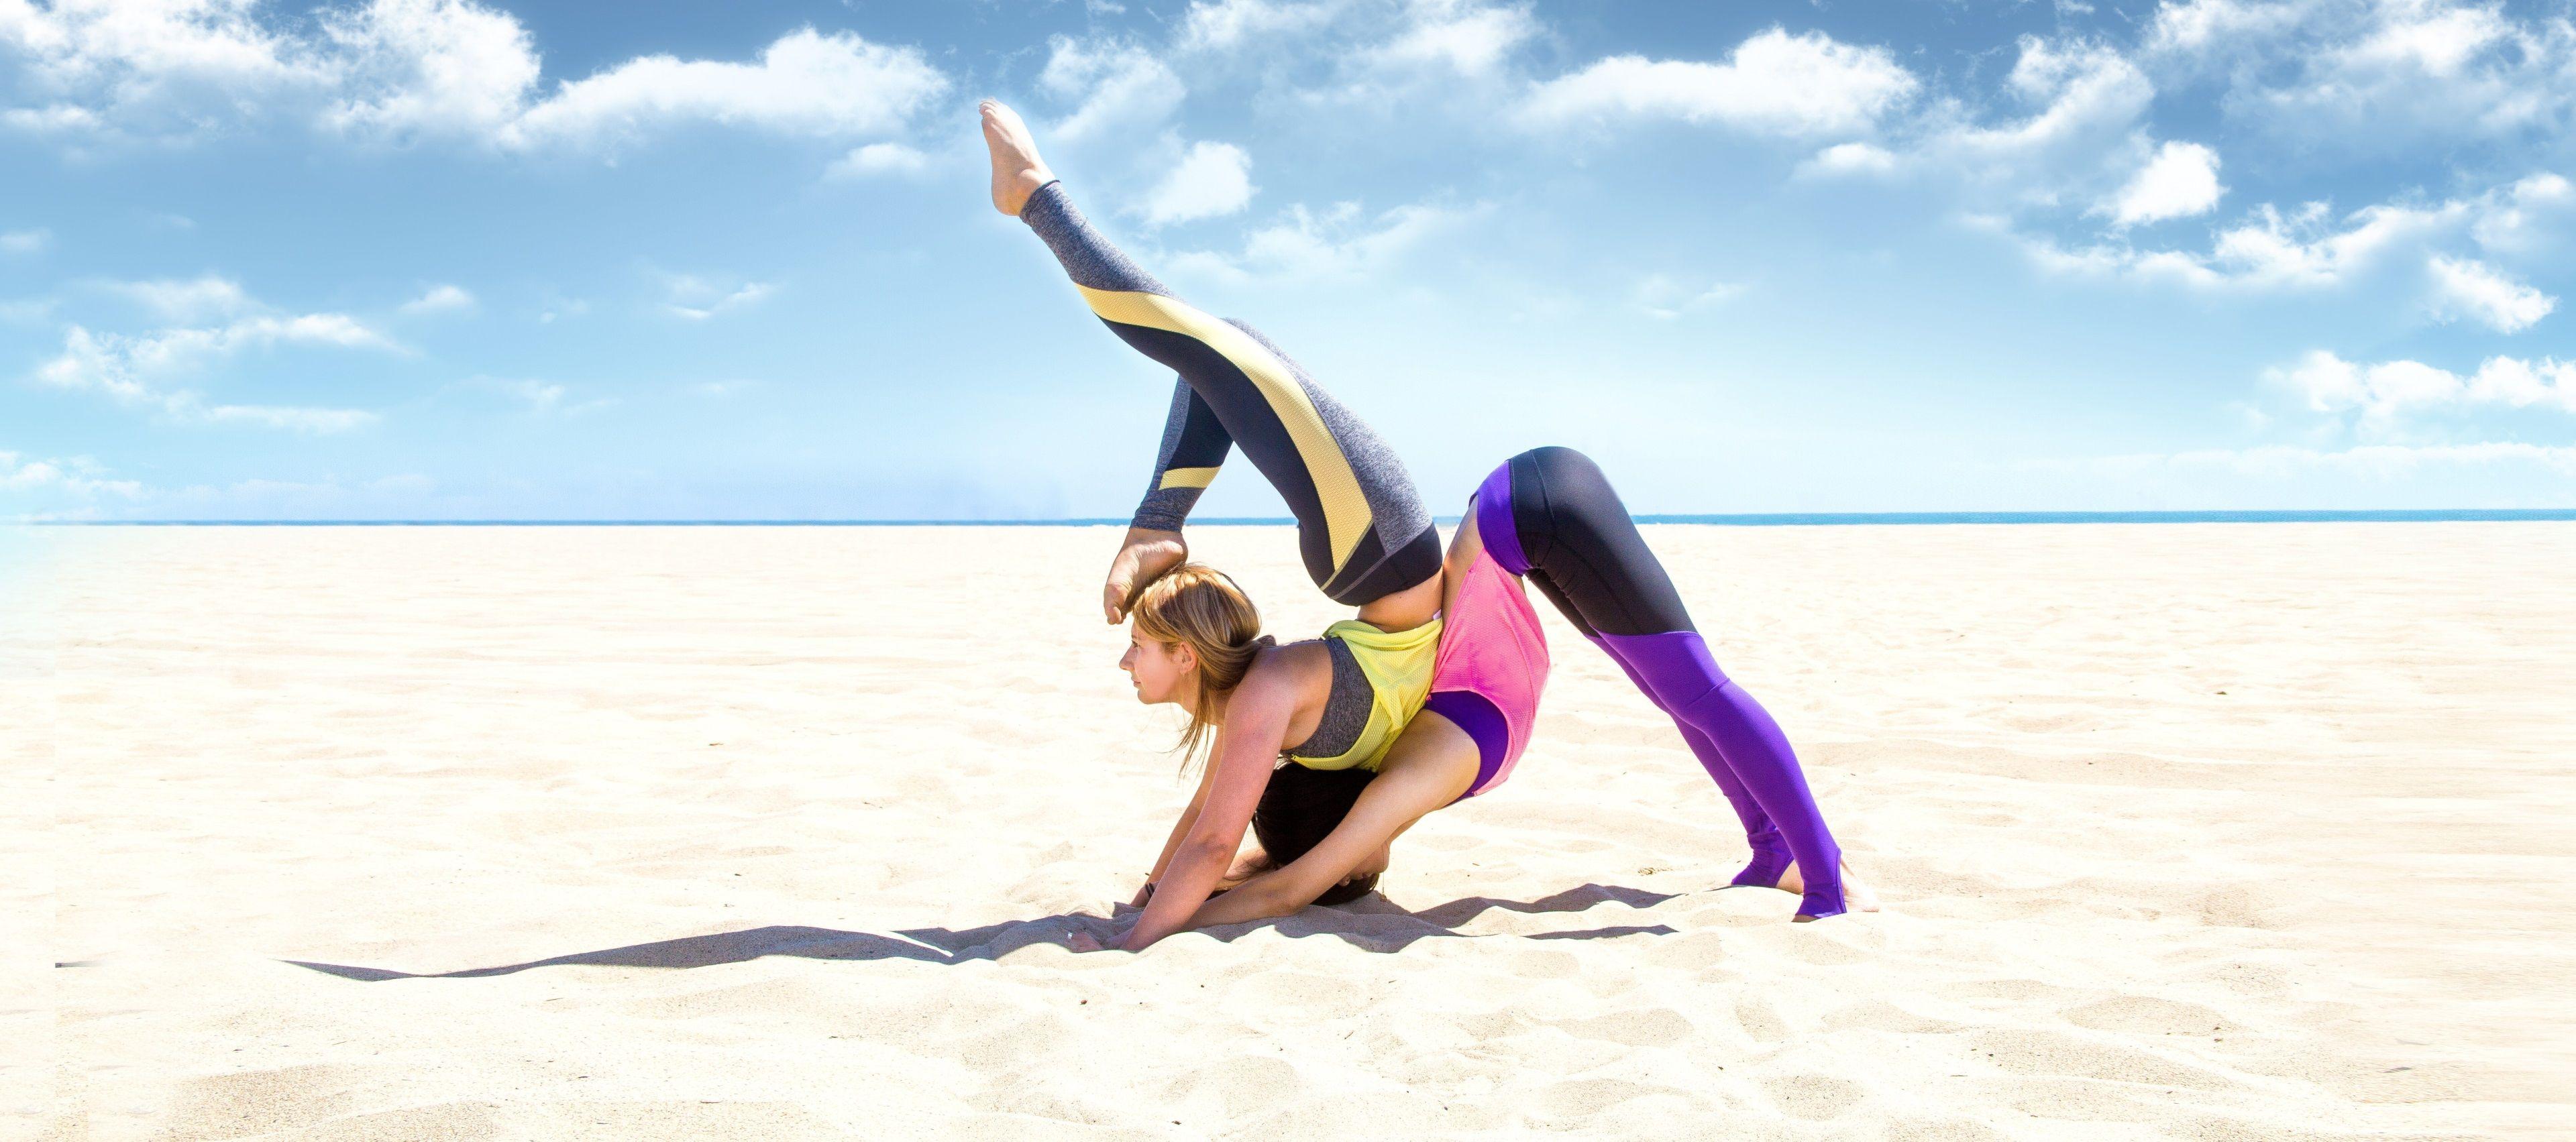 3840x1703 Yoga 4k Pc Wallpaper Free